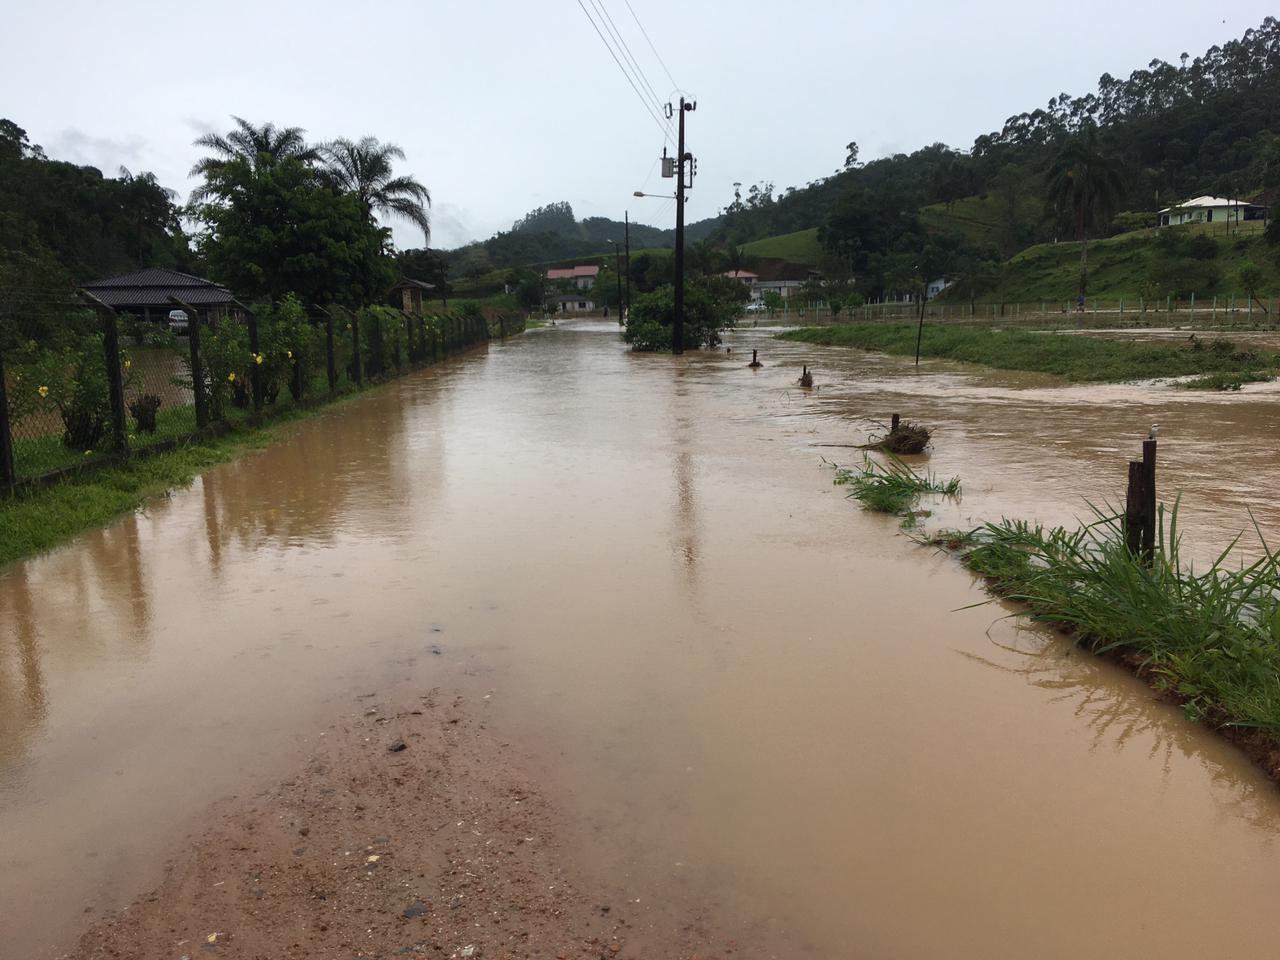 Abastecimento de água em Brusque também foi prejudicado por conta das chuvas - Secom Brusque/Divulgação